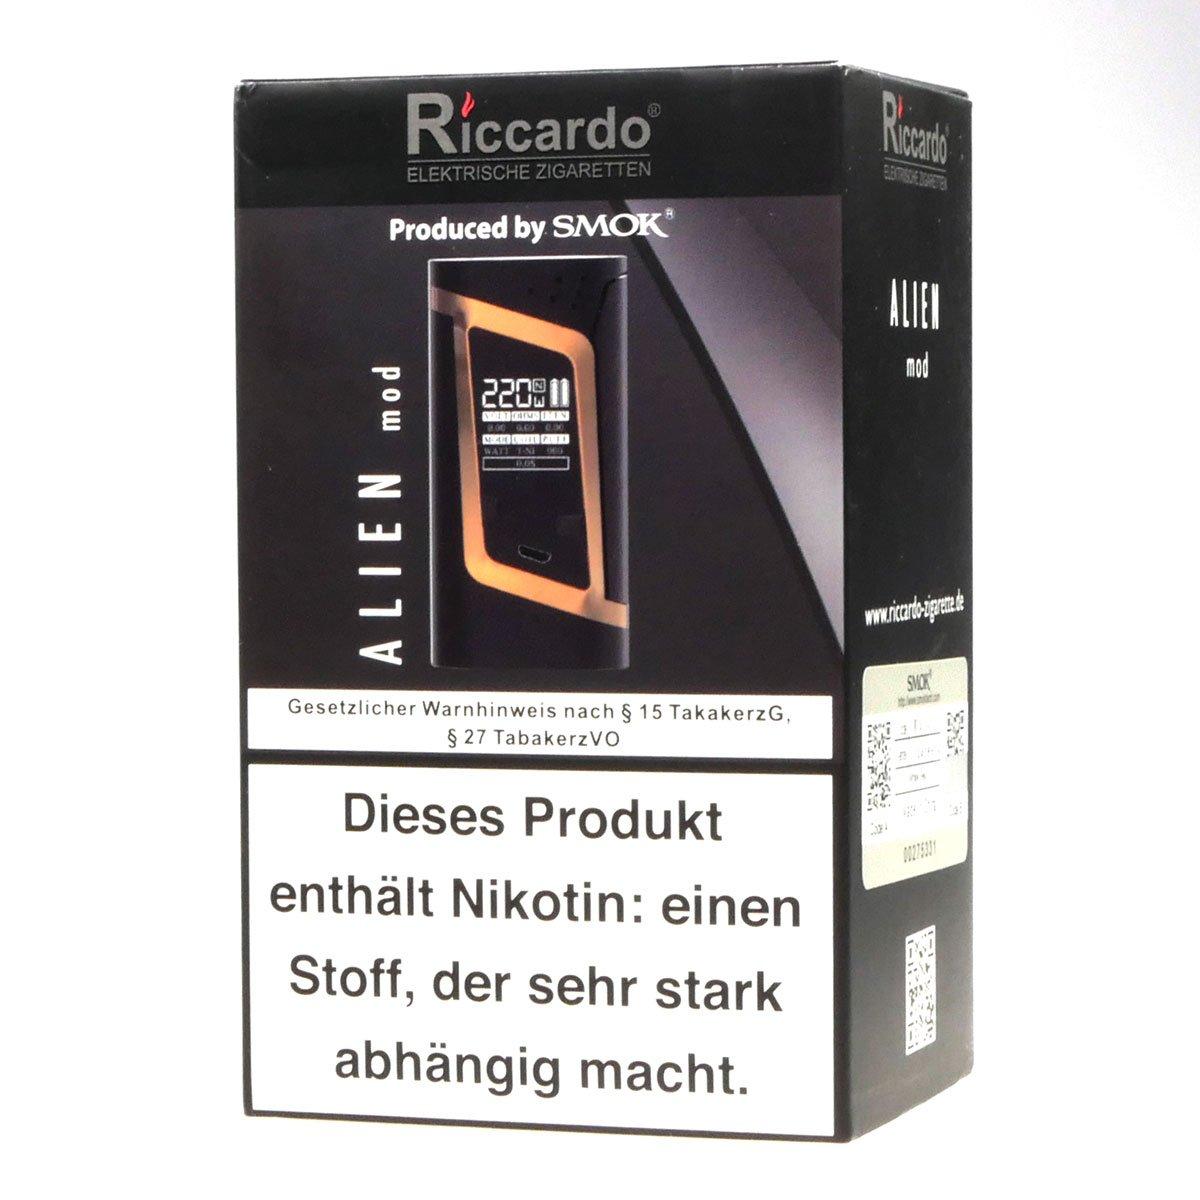 SMOK Alien Box MOD 220W para la celda 2 x 18650 batería, plata - ni nicotina, ni tabaco: Amazon.es: Salud y cuidado personal